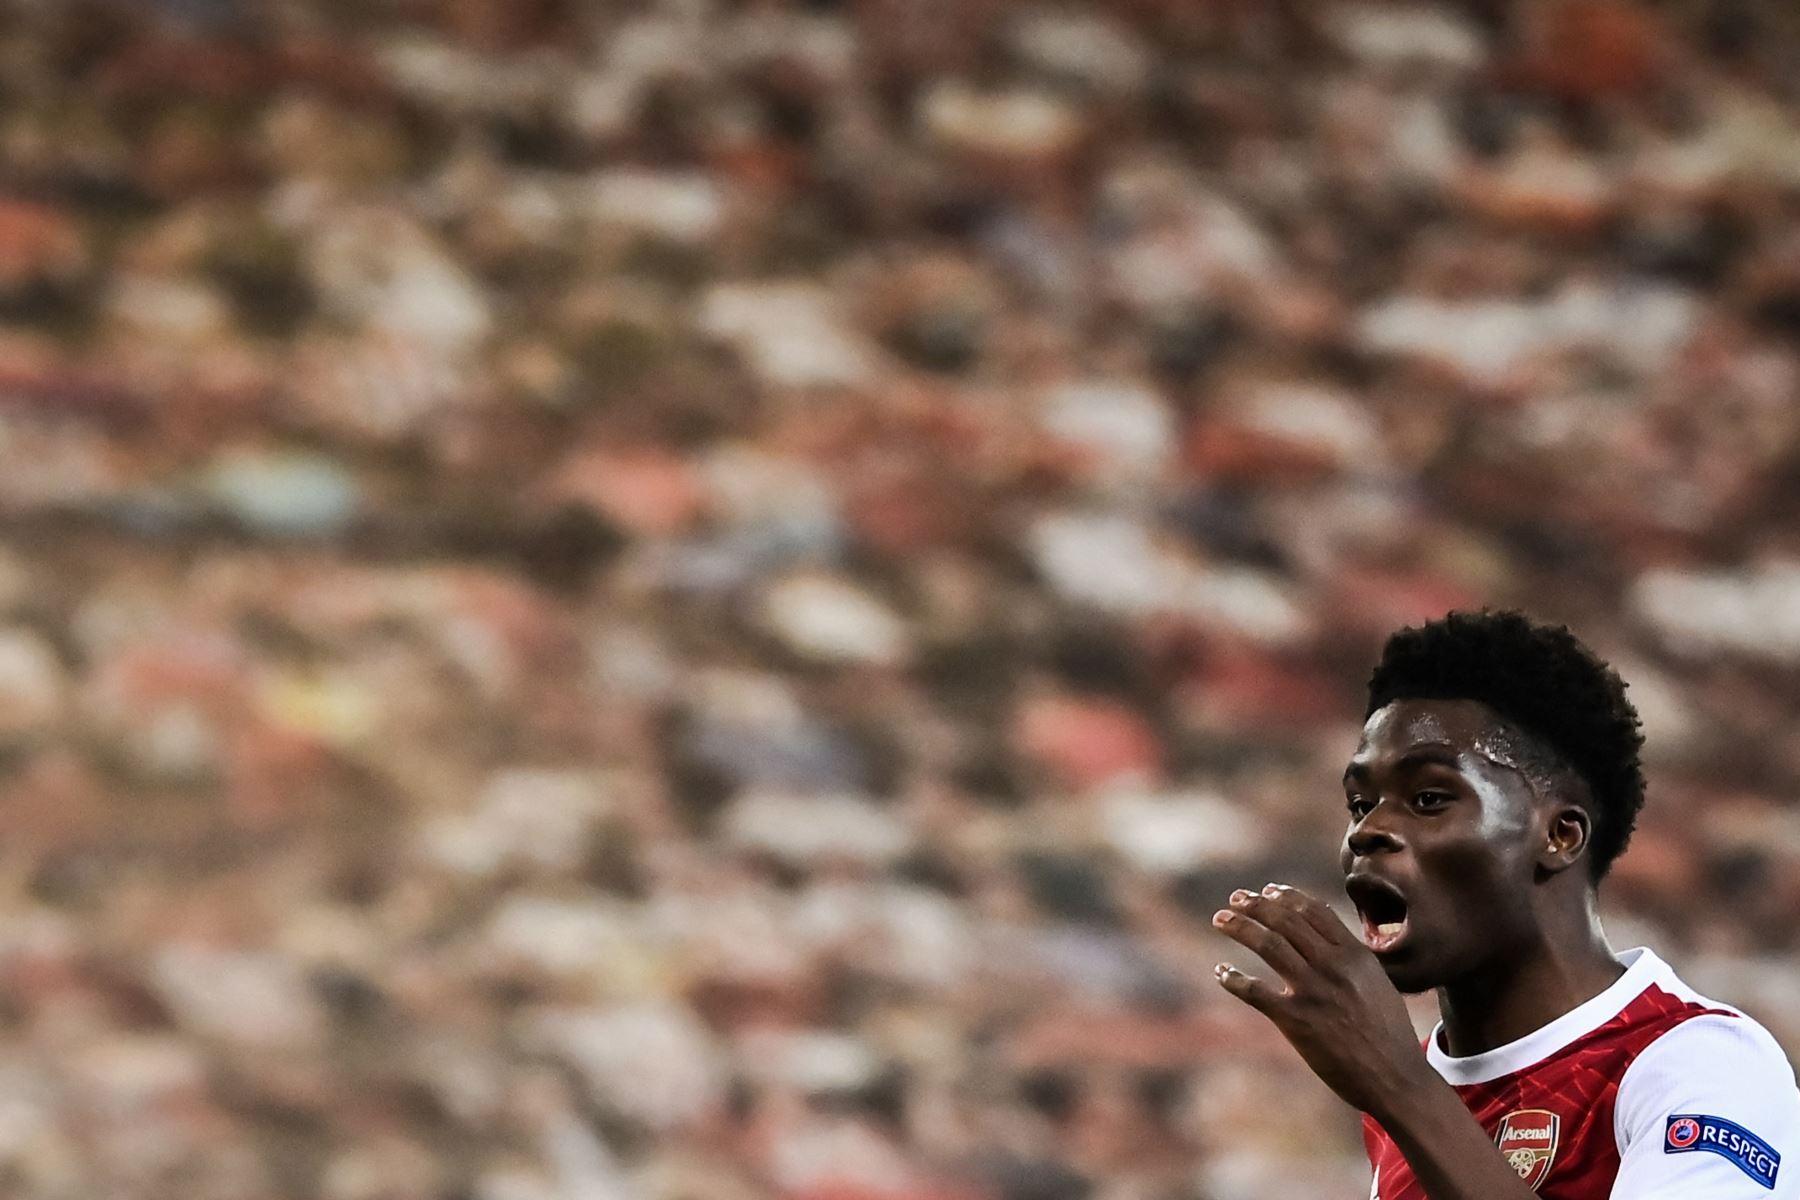 El delantero inglés del Arsenal, Bukayo Saka, reacciona durante el partido de fútbol de la segunda etapa de la UEFA Europa League. Foto: AFP